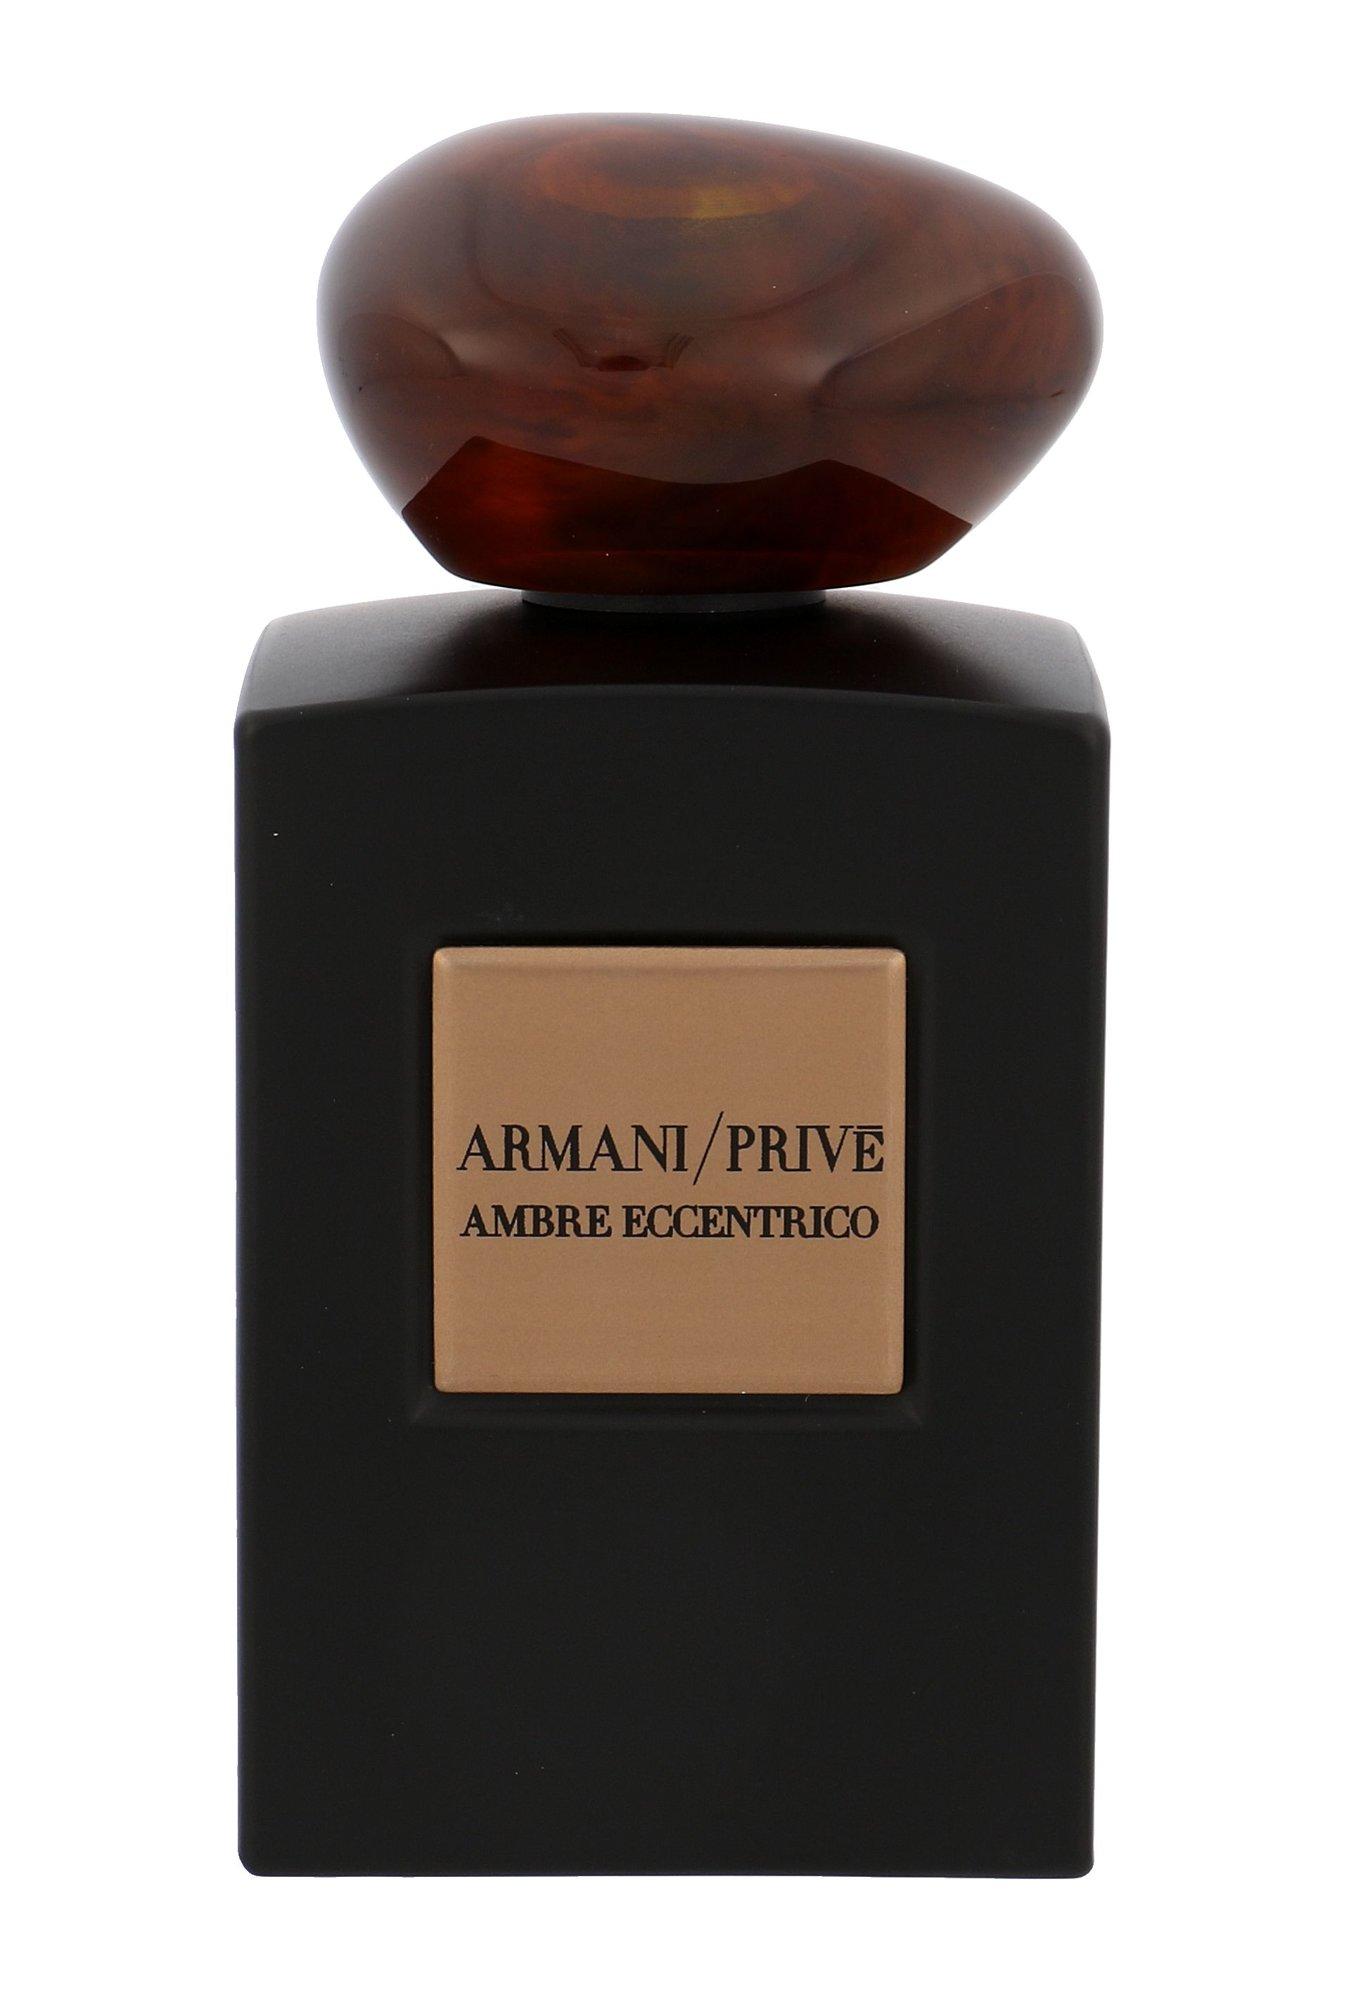 Armani Privé Ambre Eccentrico EDP 100ml